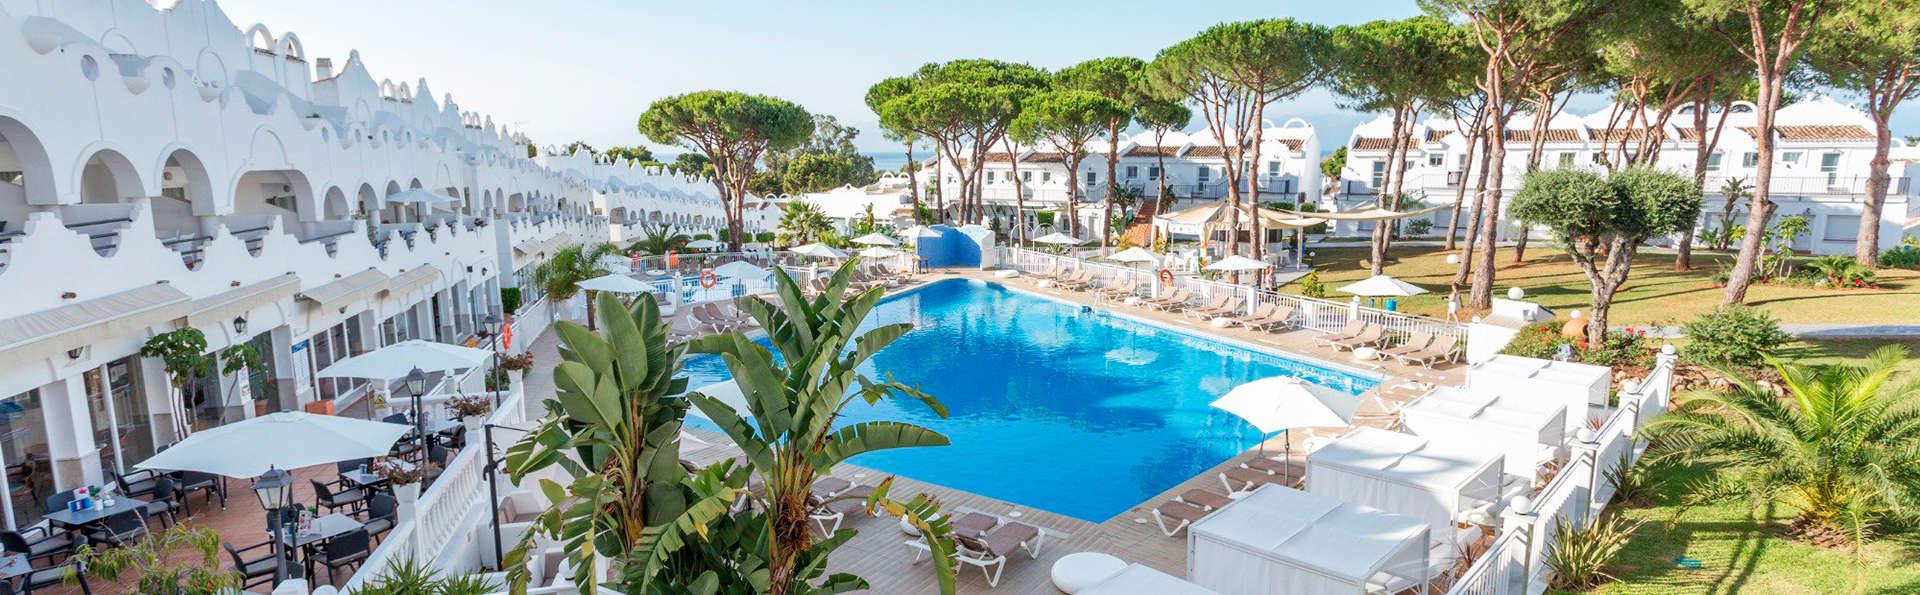 Découvrez Marbella dans un resort avec dîner, espace relaxation et enfant gratuit !